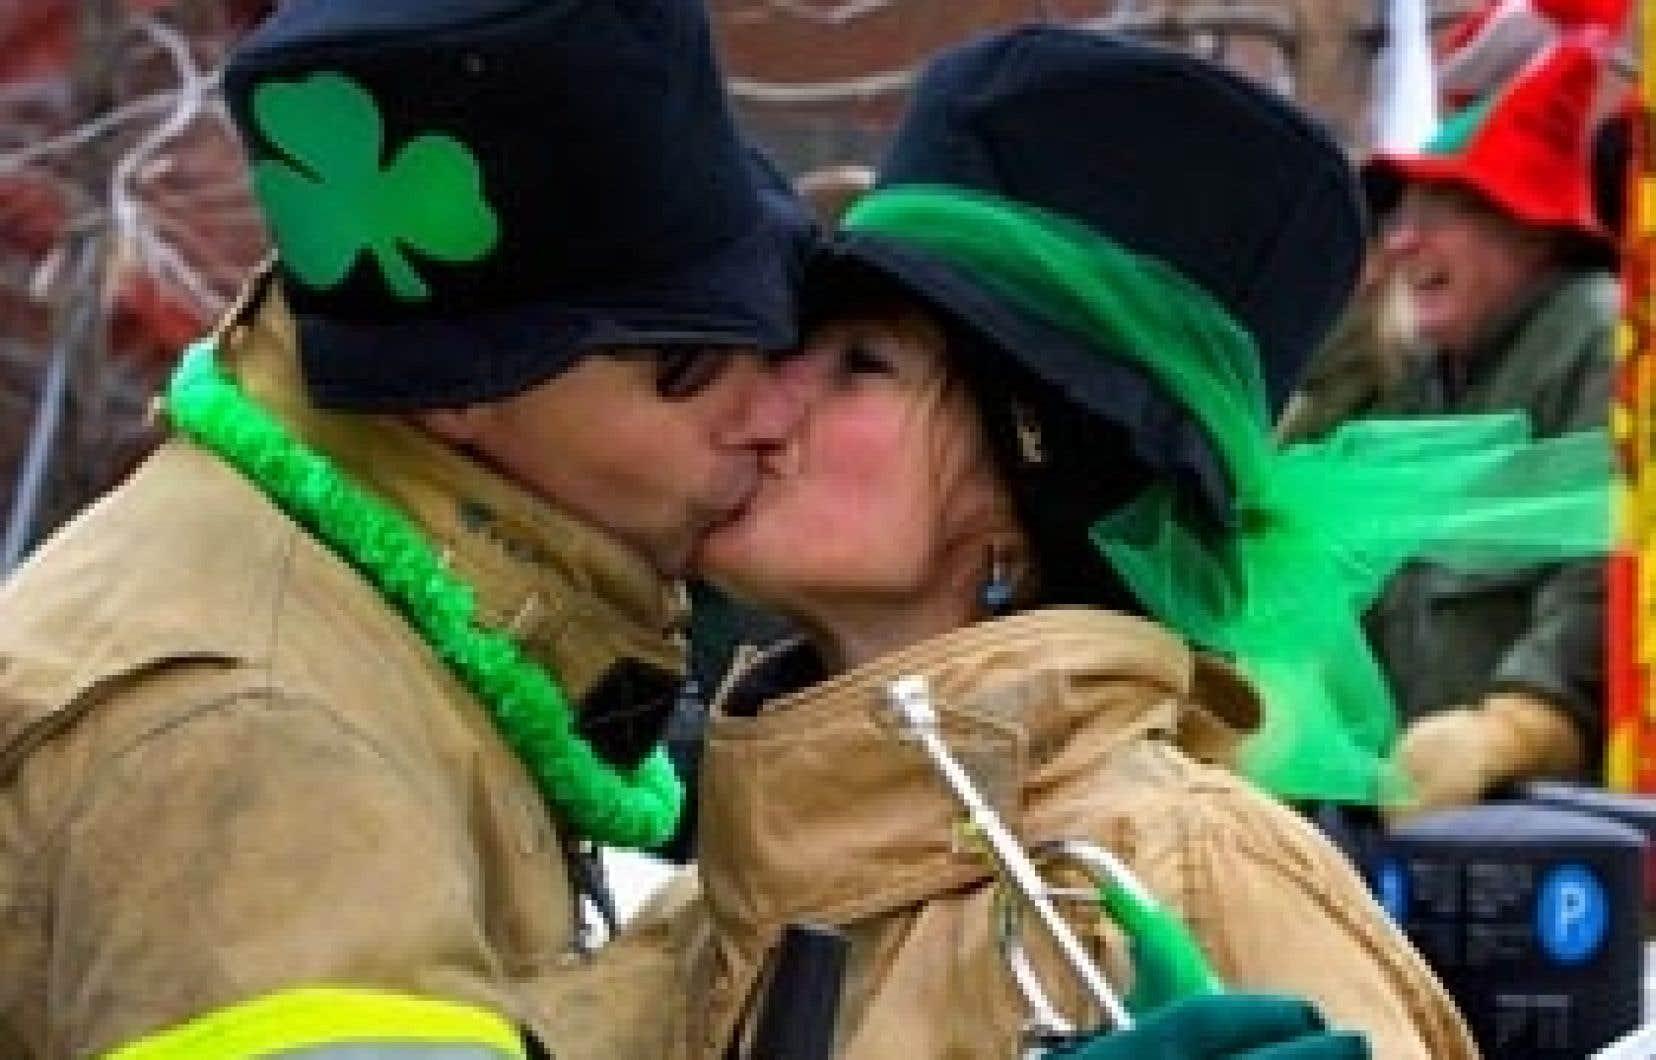 La parade de la St-Patrick débutera demain, à midi, à l'angle des rues Sainte-Catherine et Du Fort, pour se diriger vers l'est.